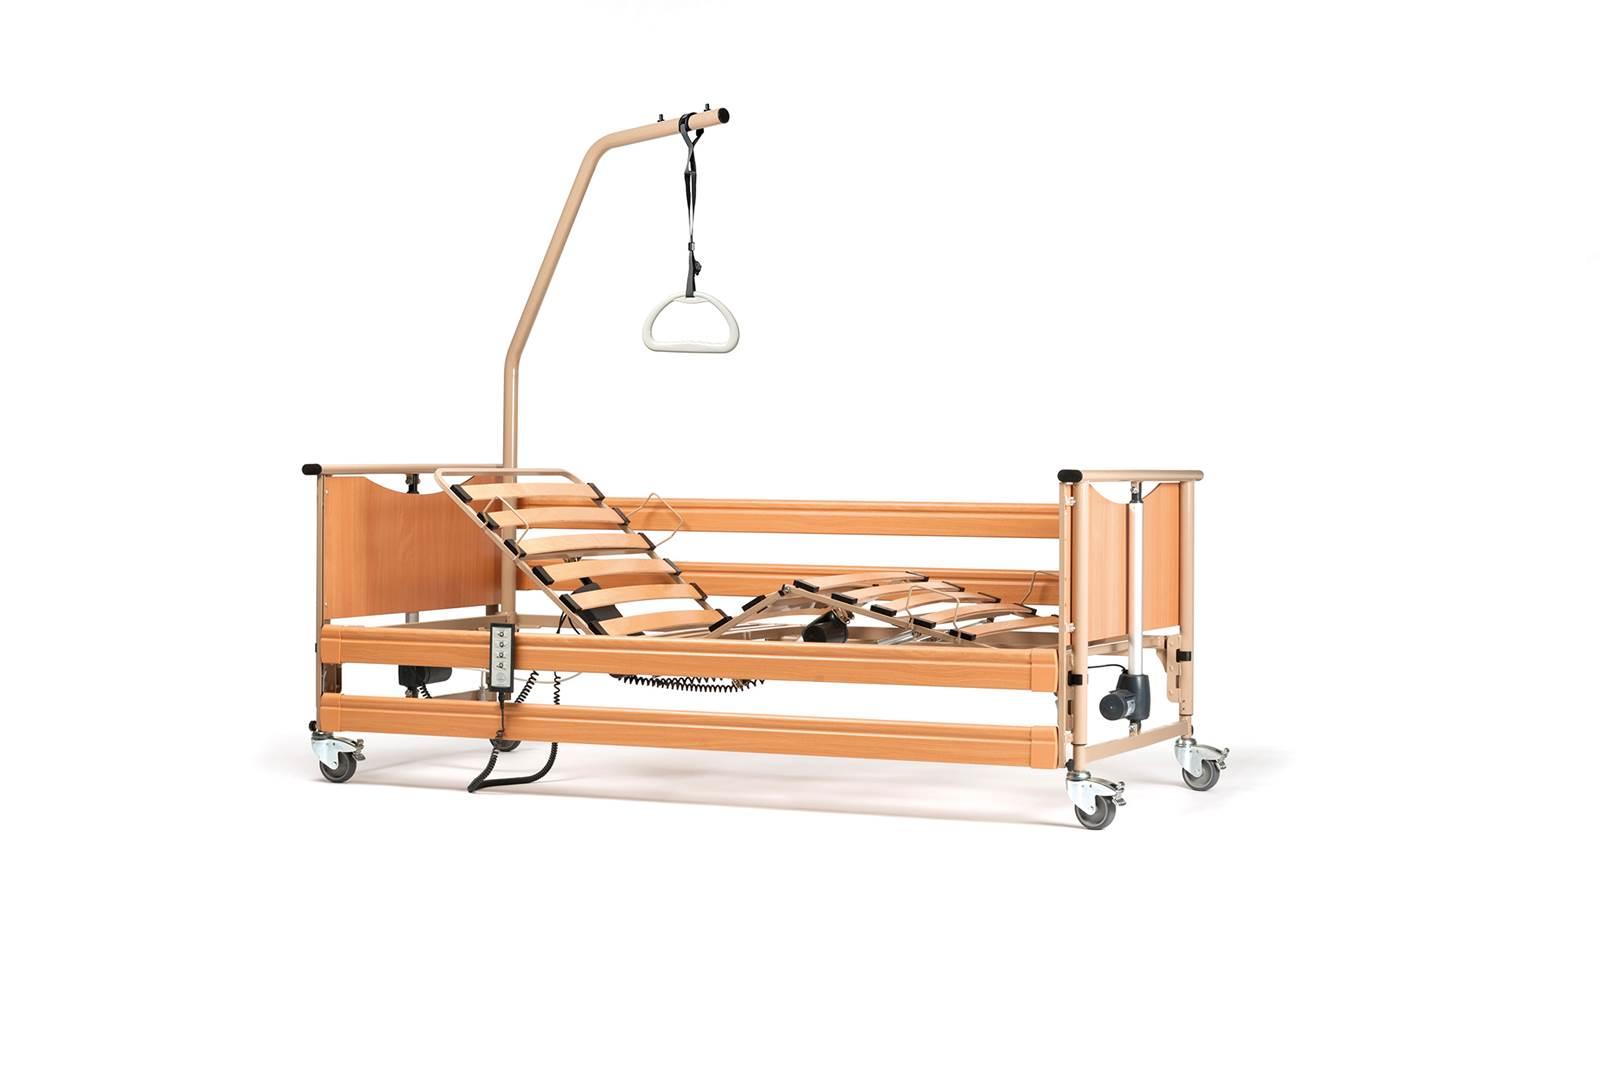 luna basic łóżko rehabilitacyjne